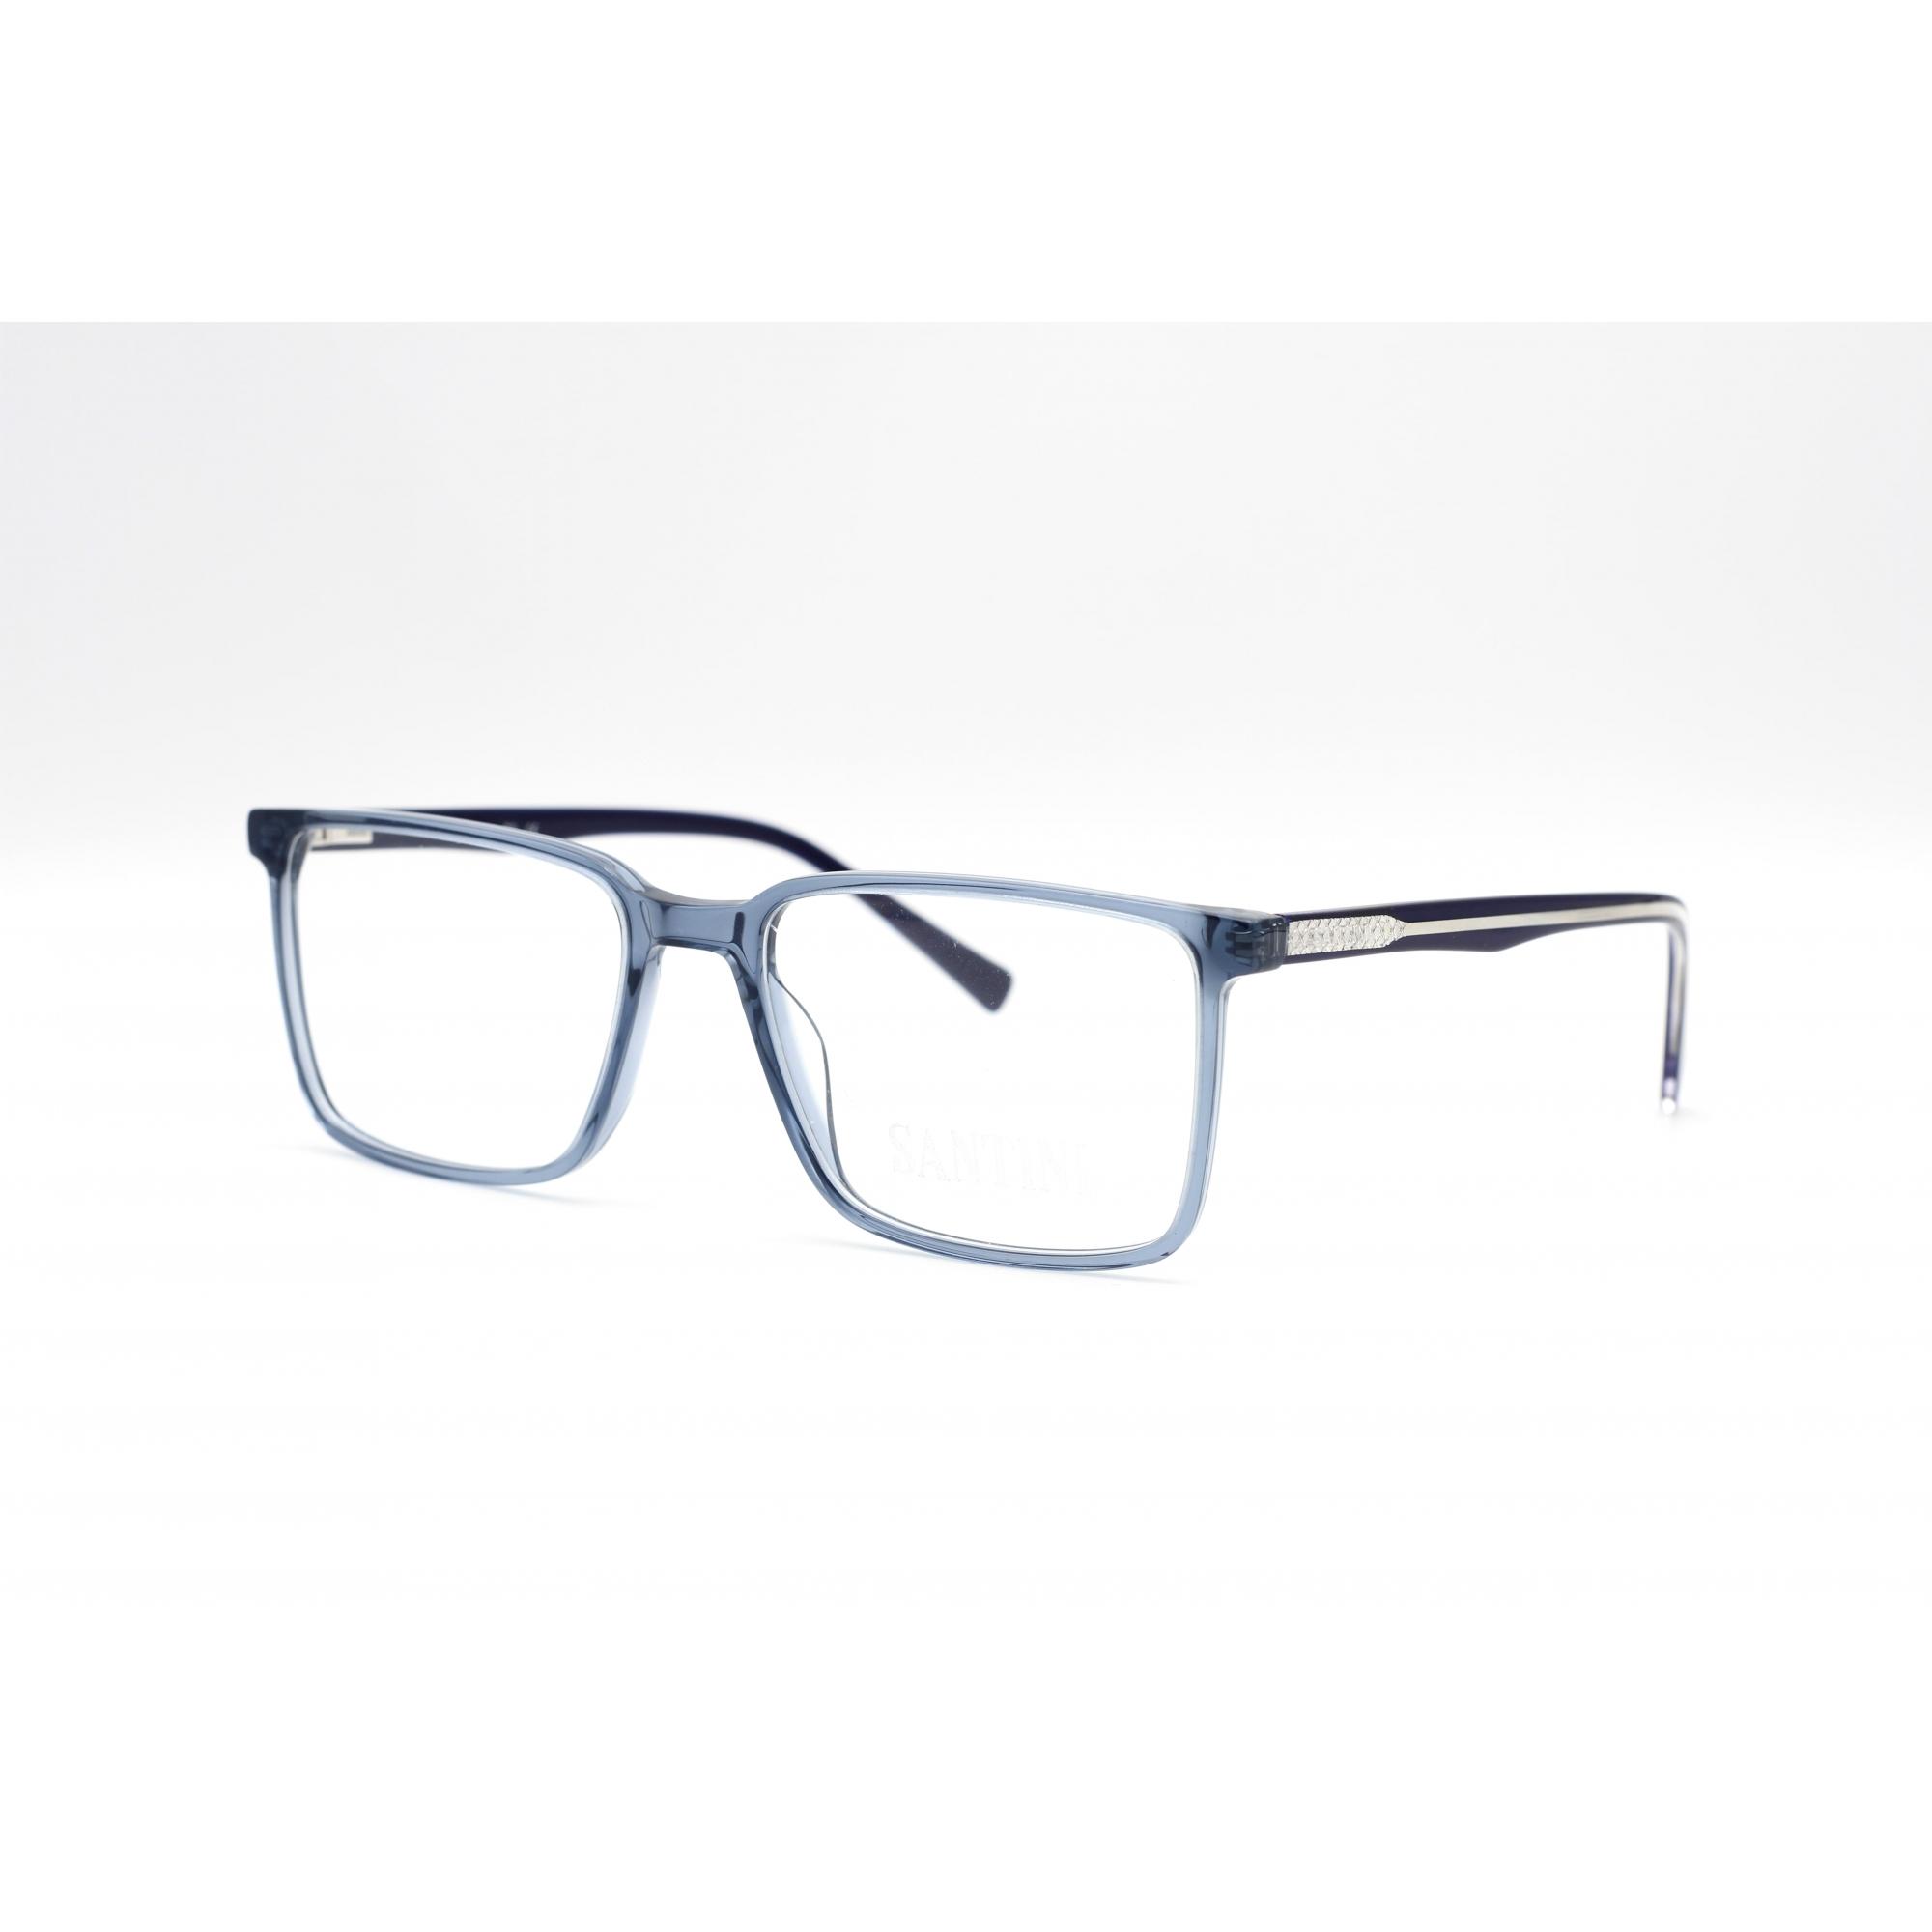 Armação com óculos sem grau, SANTINI Masculina em cor Preto Ref MB4664 C3 55